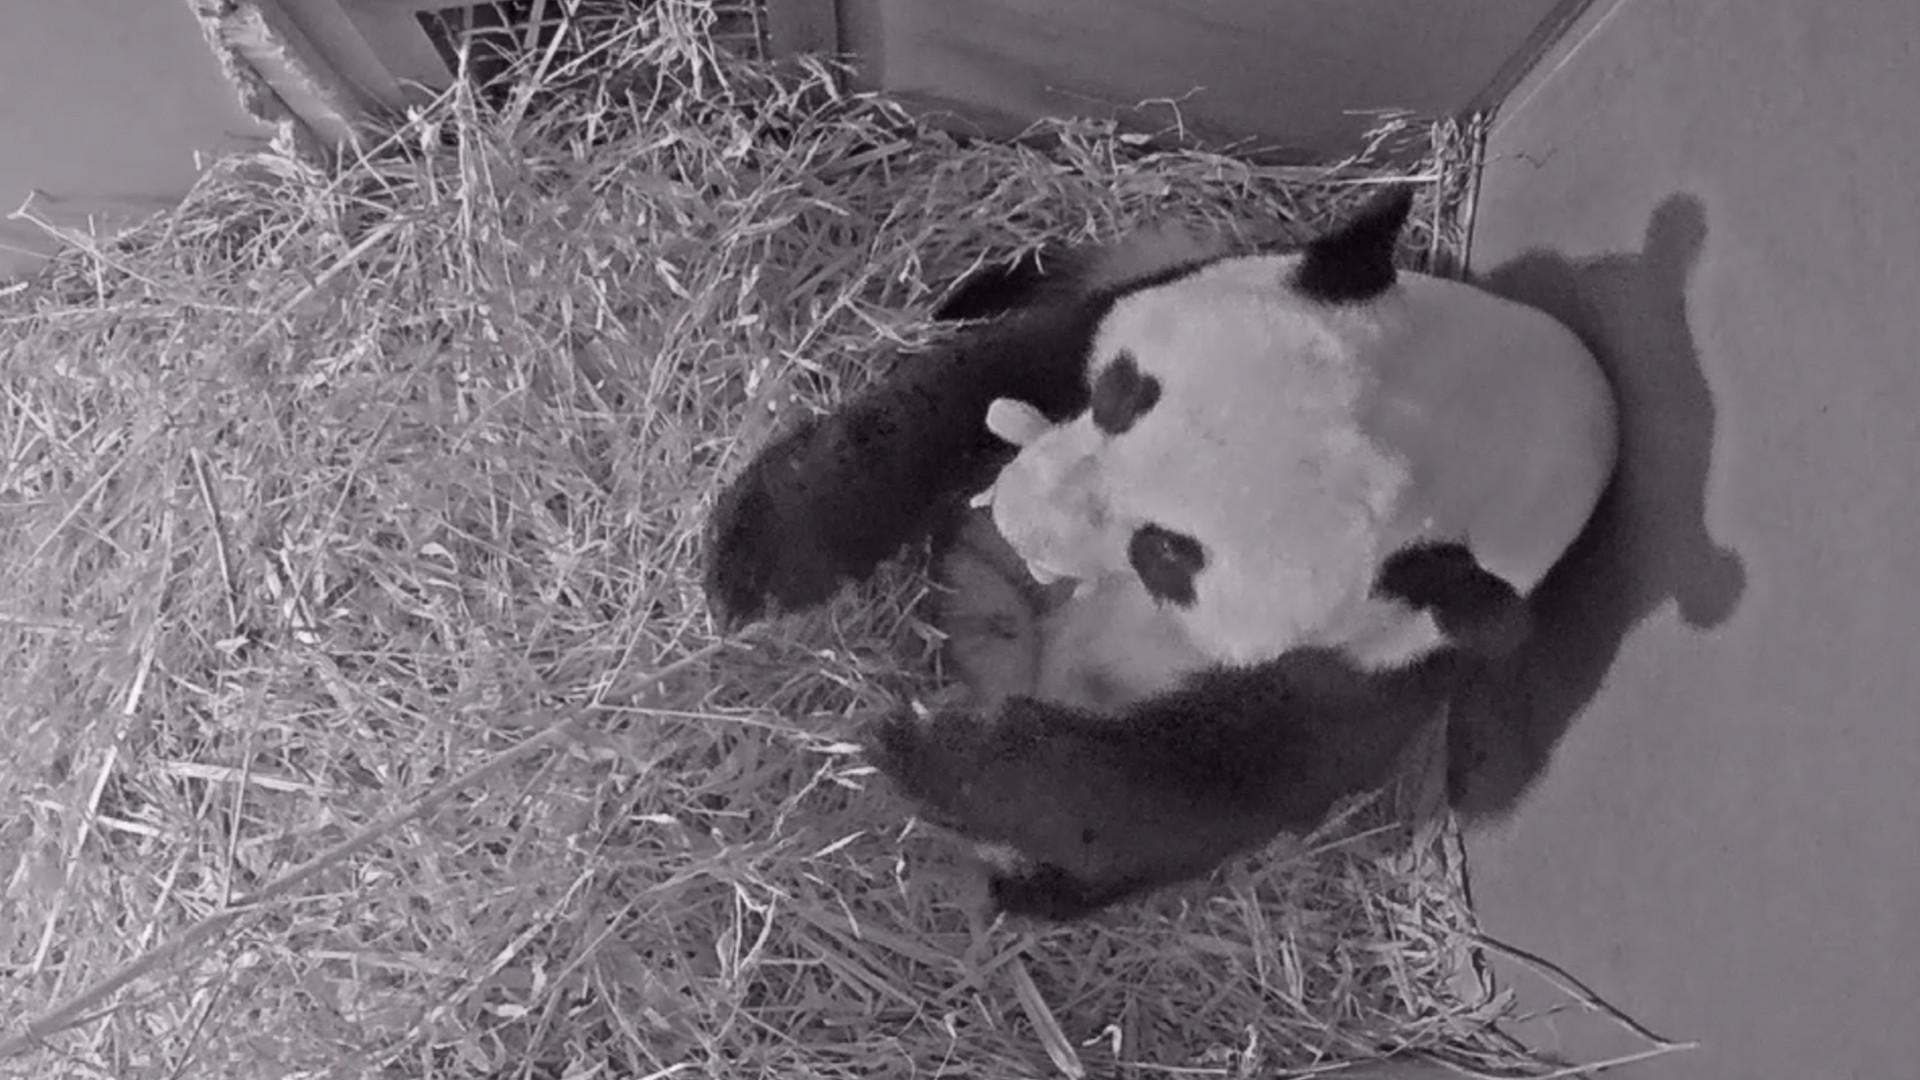 Nasce primeiro panda gigante na Holanda